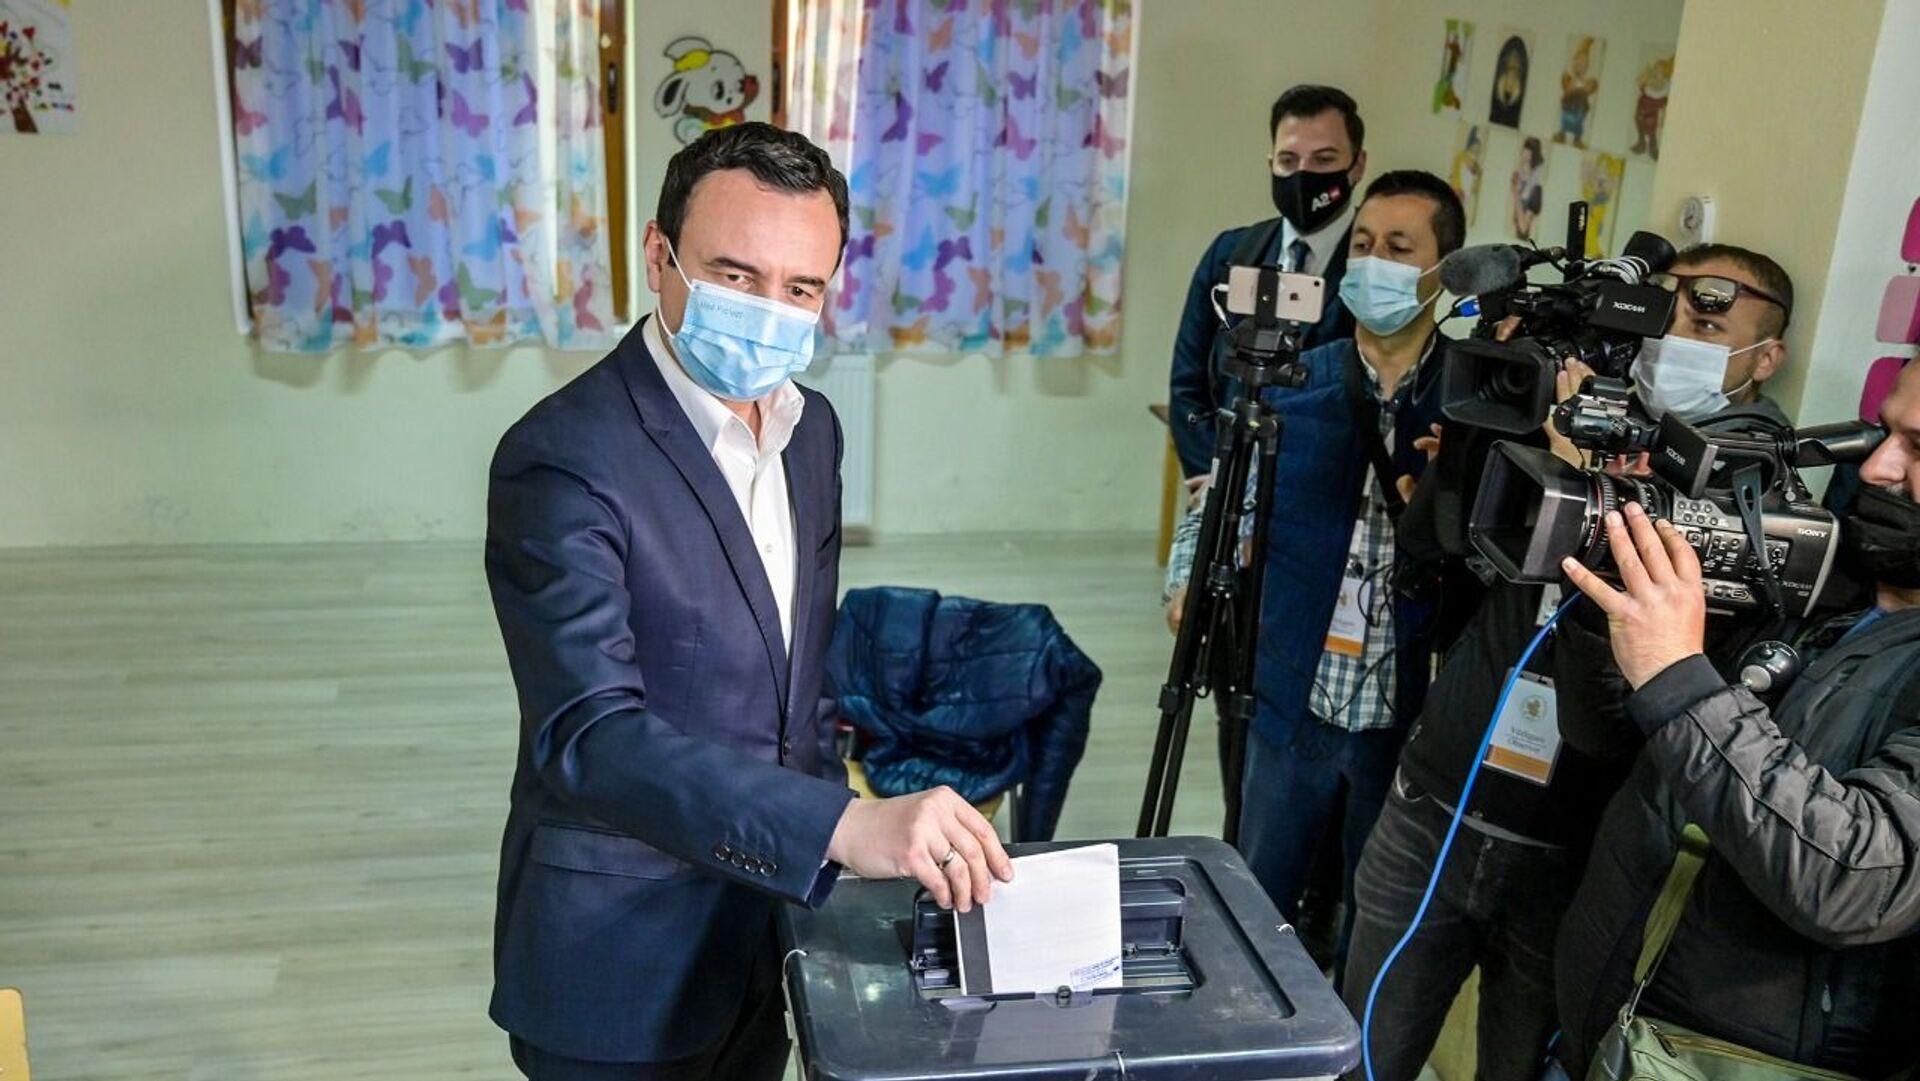 Аљбин Курти, премијер тзв државе Косово и лидер покрета Самоопредељење гласа на изборима у Албанији - Sputnik Србија, 1920, 13.07.2021